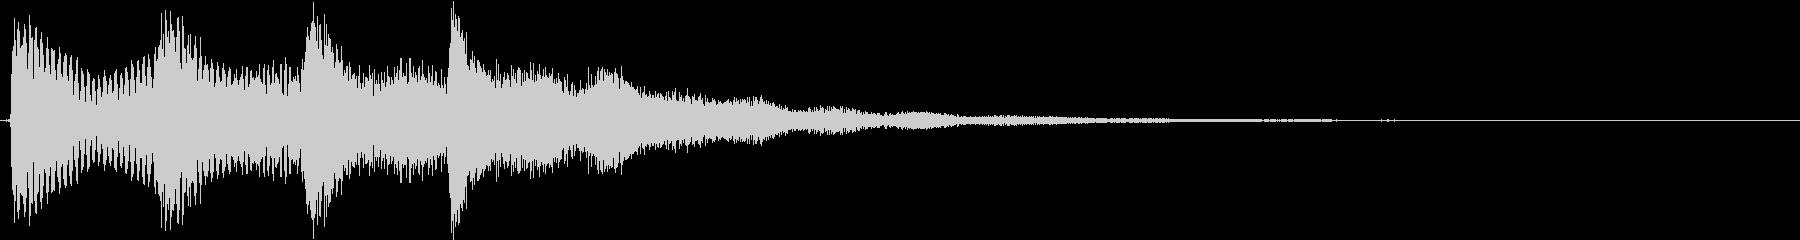 ポンパンポンピーンの未再生の波形